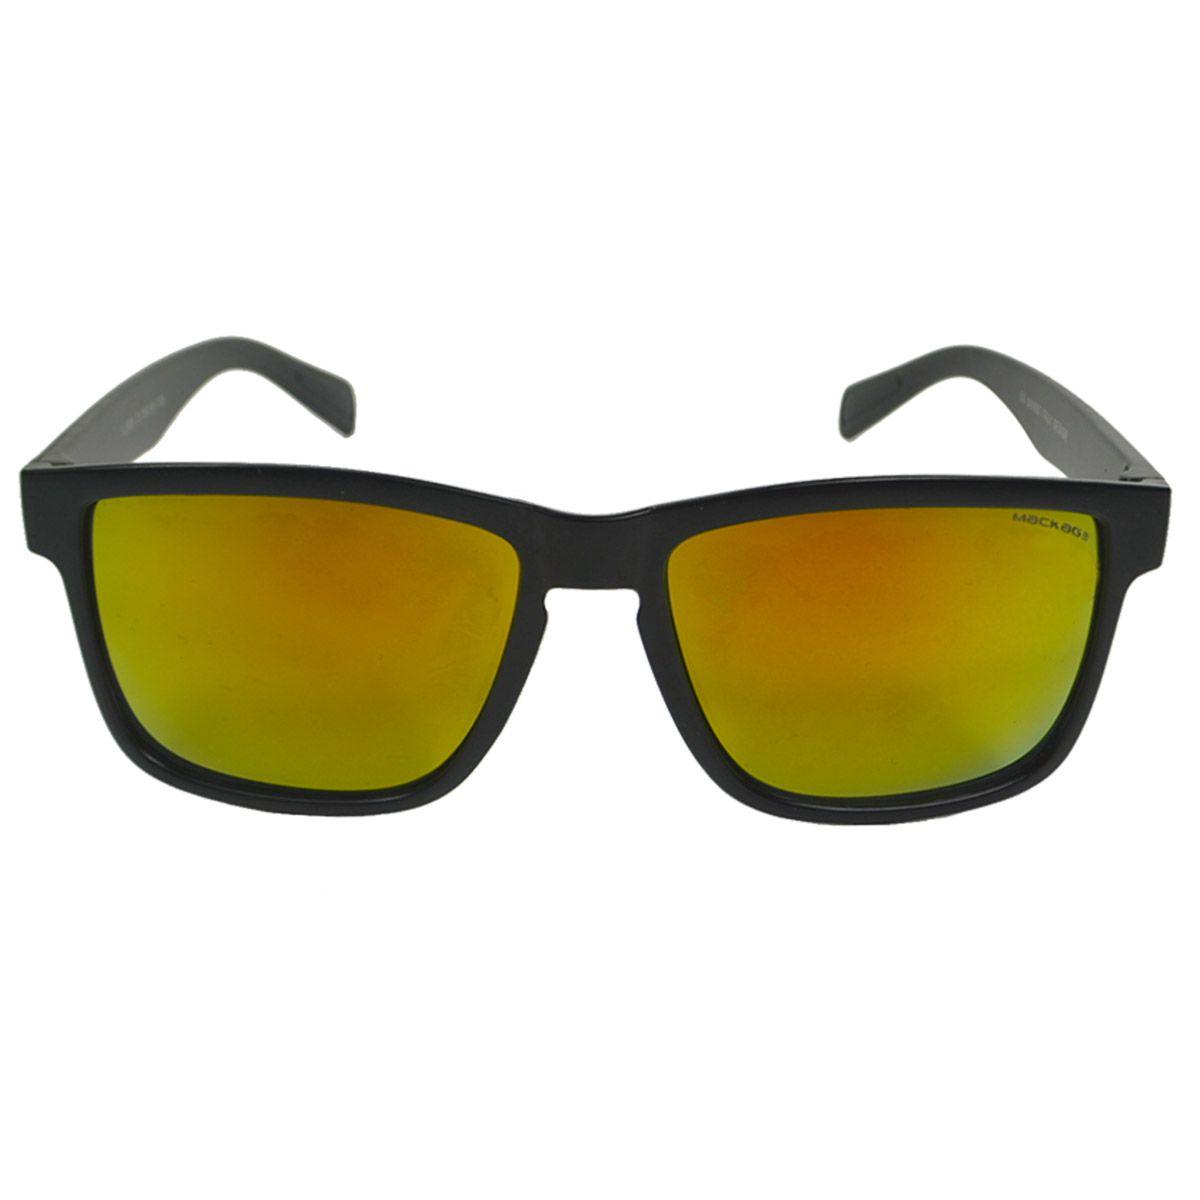 Óculos de Sol Unissex Mackage MK3009 Preto